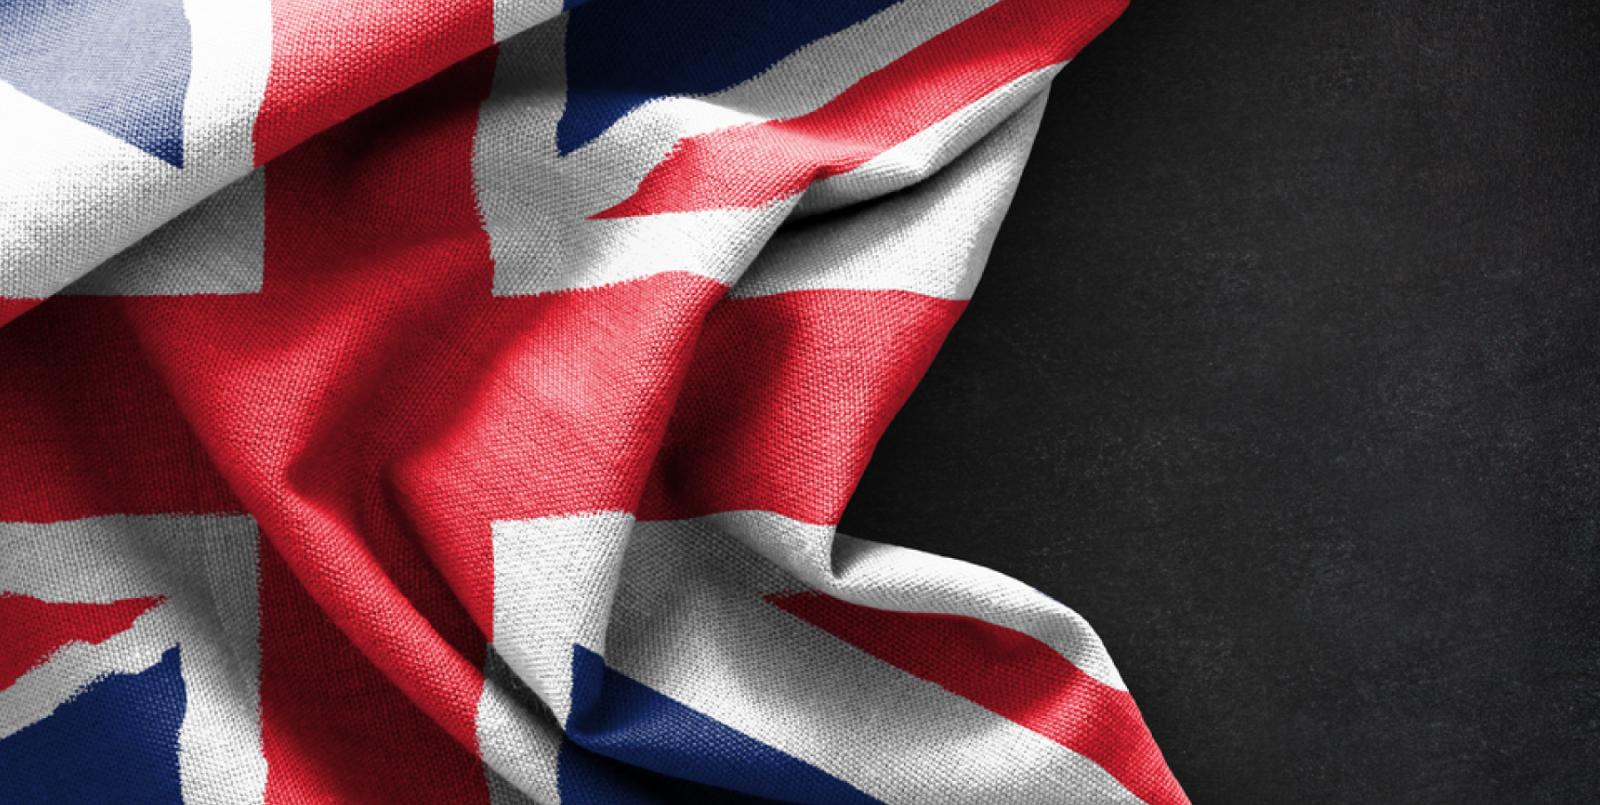 Esportare vino in Gran Bretagna: è il momento di iniziare!